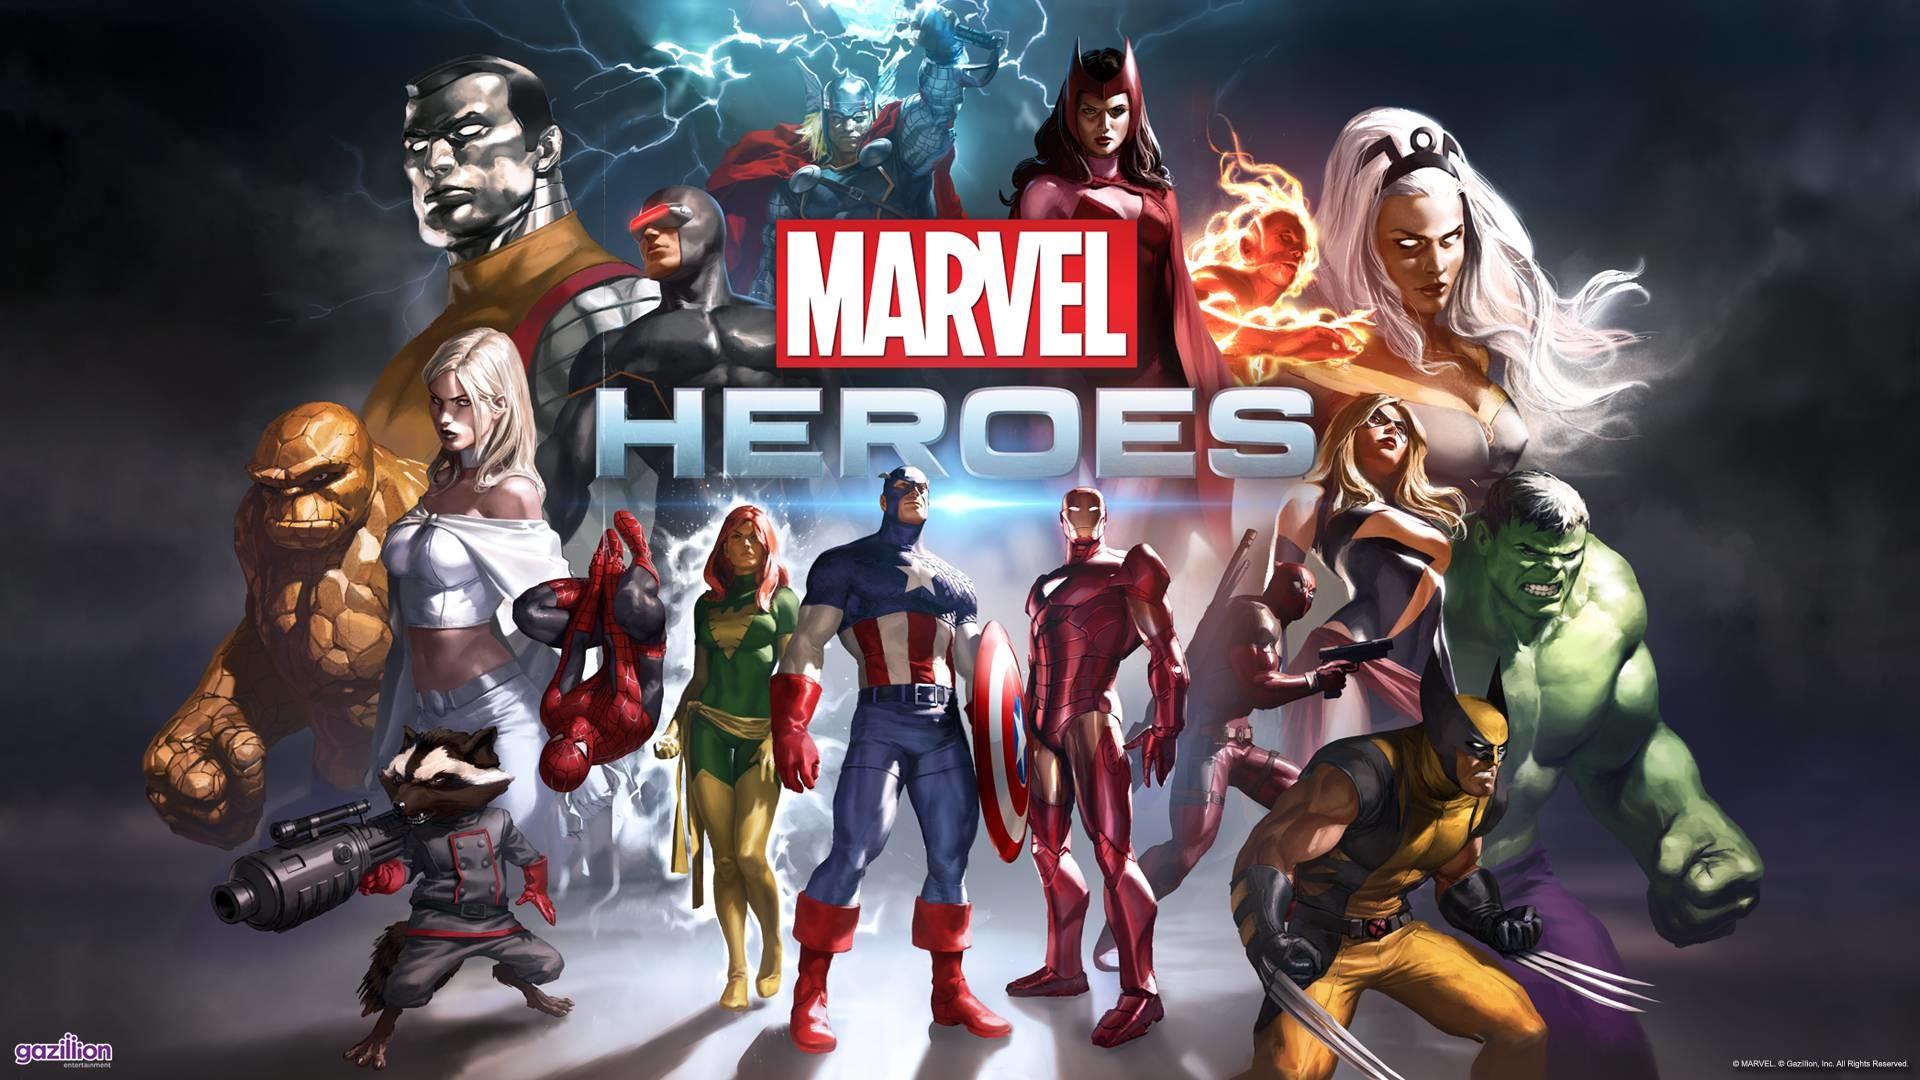 Res: 1920x1080, LEGO Marvel Super Heroes HD Wallpaper 21 - 1920 X 1080